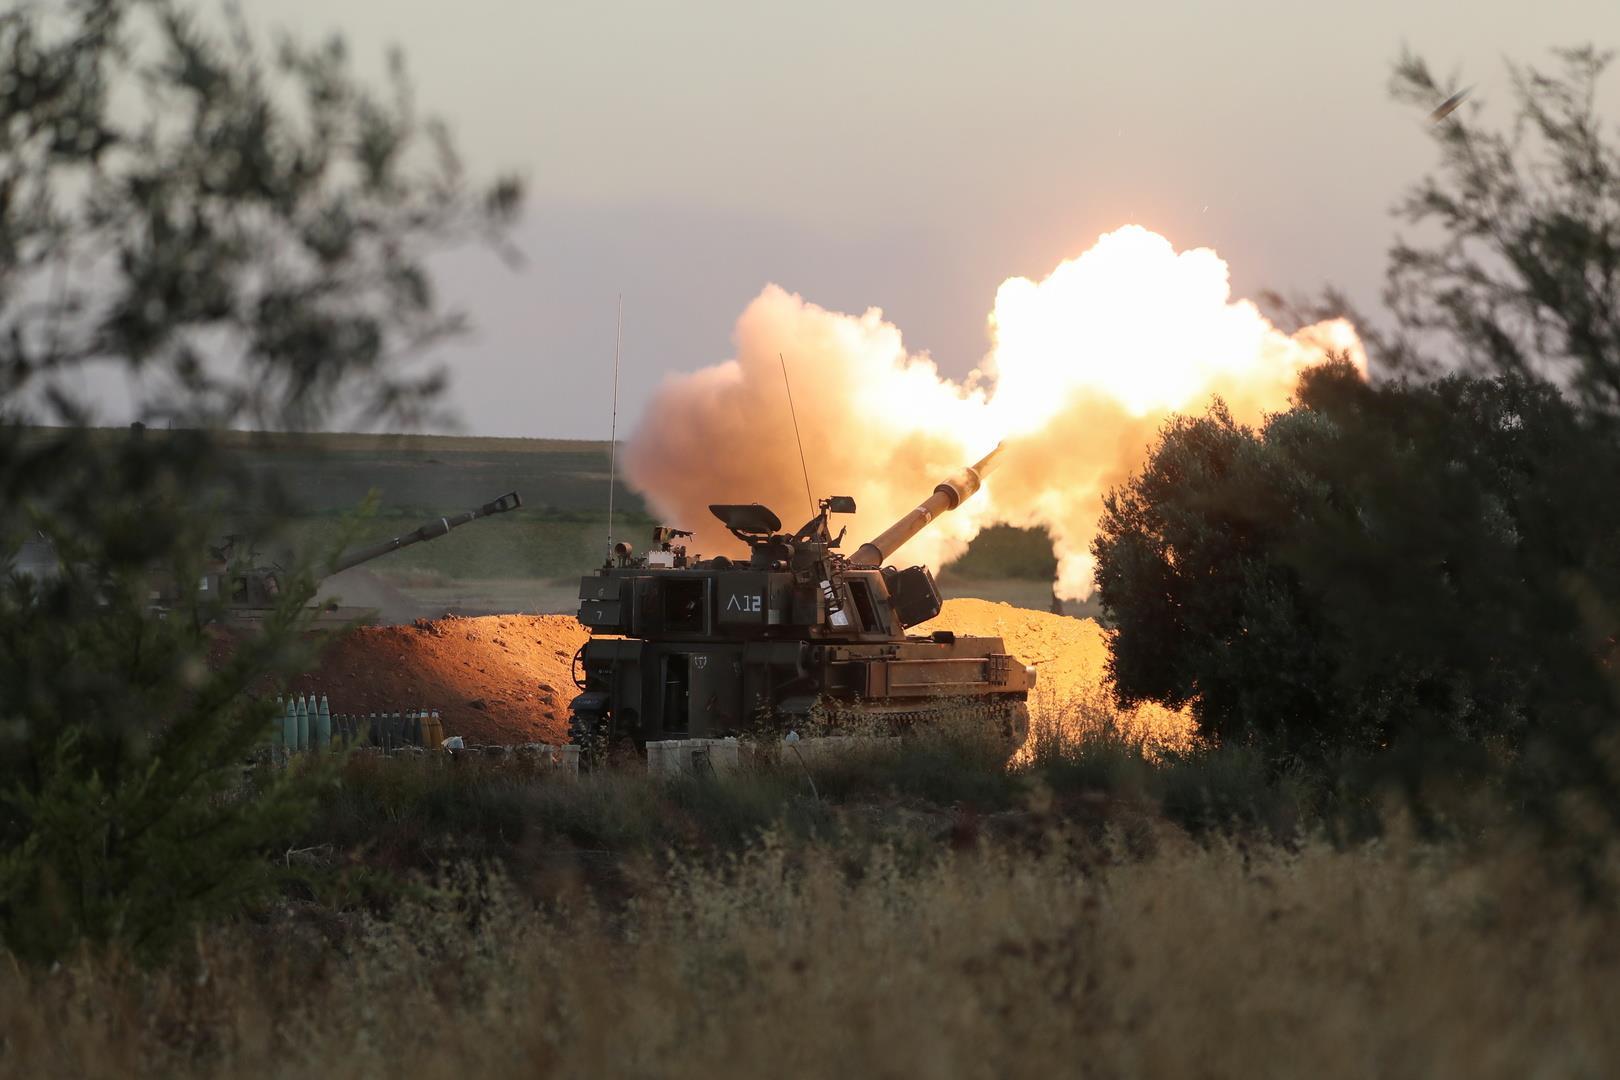 إسرائيل: المجلس الوزاري المصغر يوافق على وقف إطلاق النار مع حركة حماس